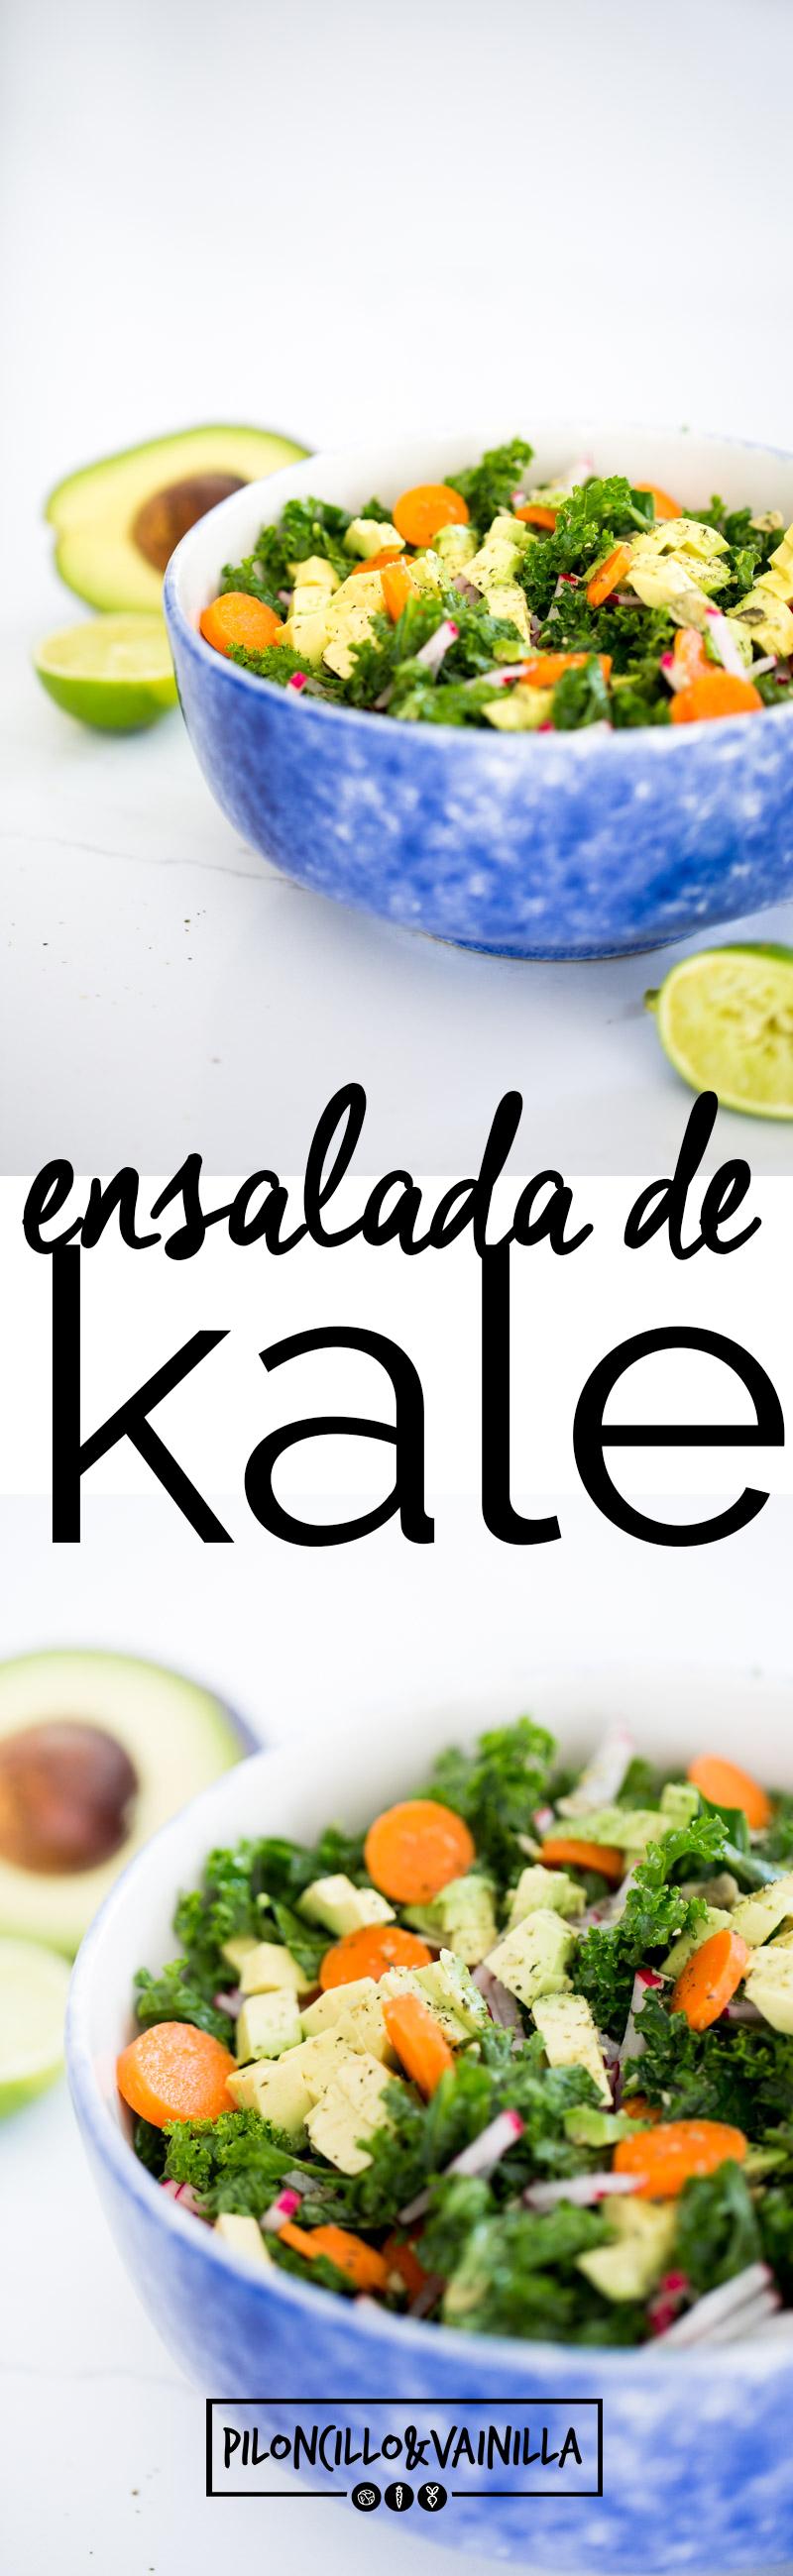 ¿Cómo hacer la mejor ensalada de kale? En esta receta te doy un super tip para que siempre tengas la mejor ensalada de kale. #recetasaludable, #recetaensalada, #recetasana